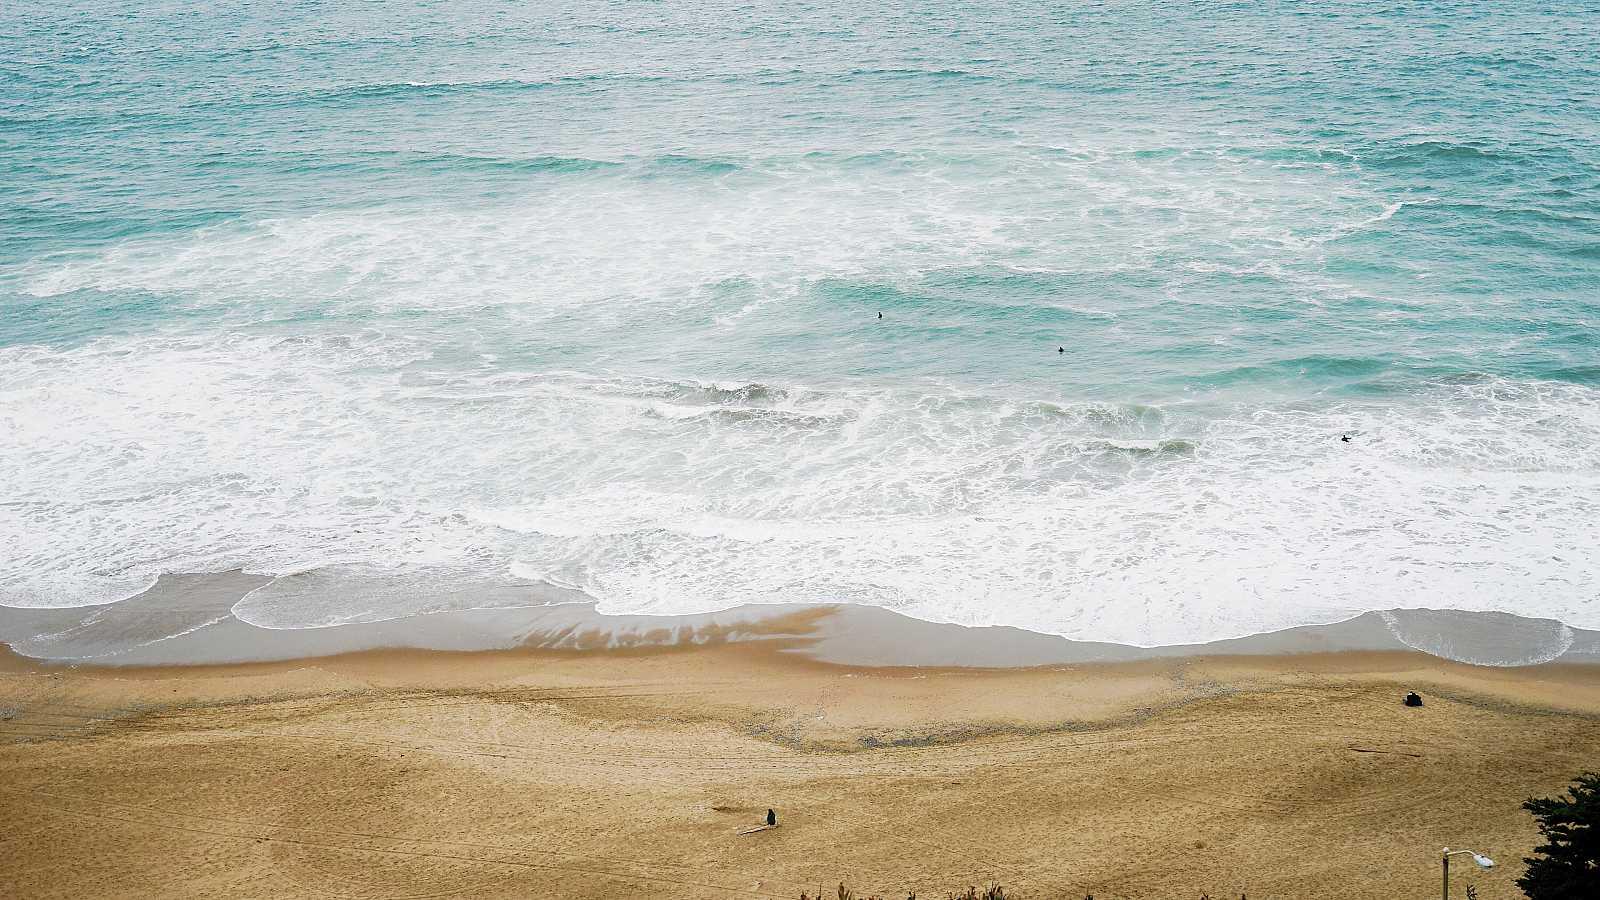 Entrevista a Javier peña, los límites del mar - esuchar ahora